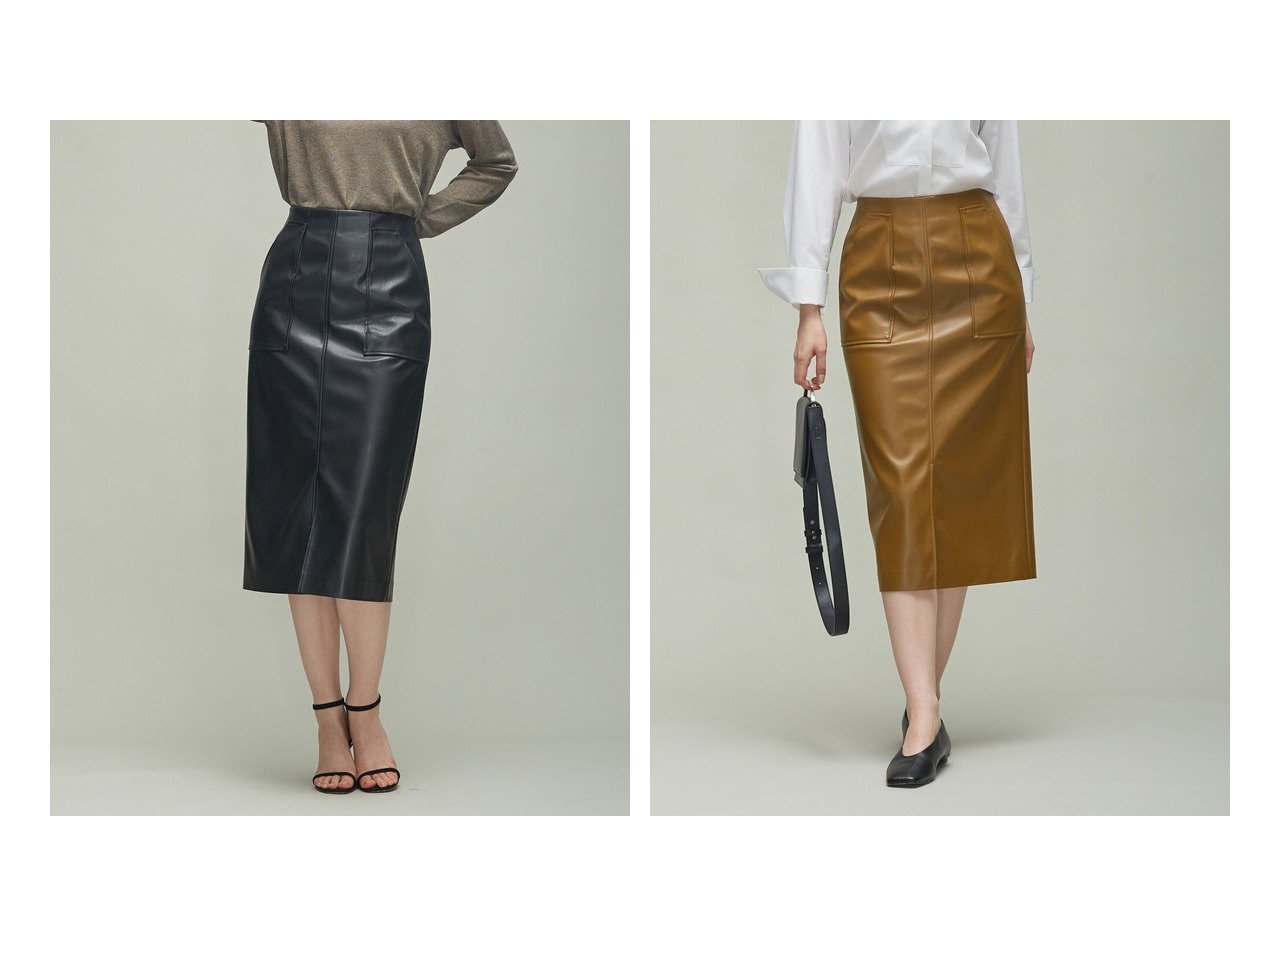 【iCB/アイシービー】のフェイクレザー タイトスカート 【スカート】おすすめ!人気、トレンド・レディースファッションの通販 おすすめで人気の流行・トレンド、ファッションの通販商品 インテリア・家具・メンズファッション・キッズファッション・レディースファッション・服の通販 founy(ファニー) https://founy.com/ ファッション Fashion レディースファッション WOMEN スカート Skirt ジャケット ストレッチ ストレート セットアップ タイトスカート フェイクレザー ポケット A/W・秋冬 AW・Autumn/Winter・FW・Fall-Winter 2021年 2021 2021-2022秋冬・A/W AW・Autumn/Winter・FW・Fall-Winter・2021-2022 送料無料 Free Shipping おすすめ Recommend  ID:crp329100000065348